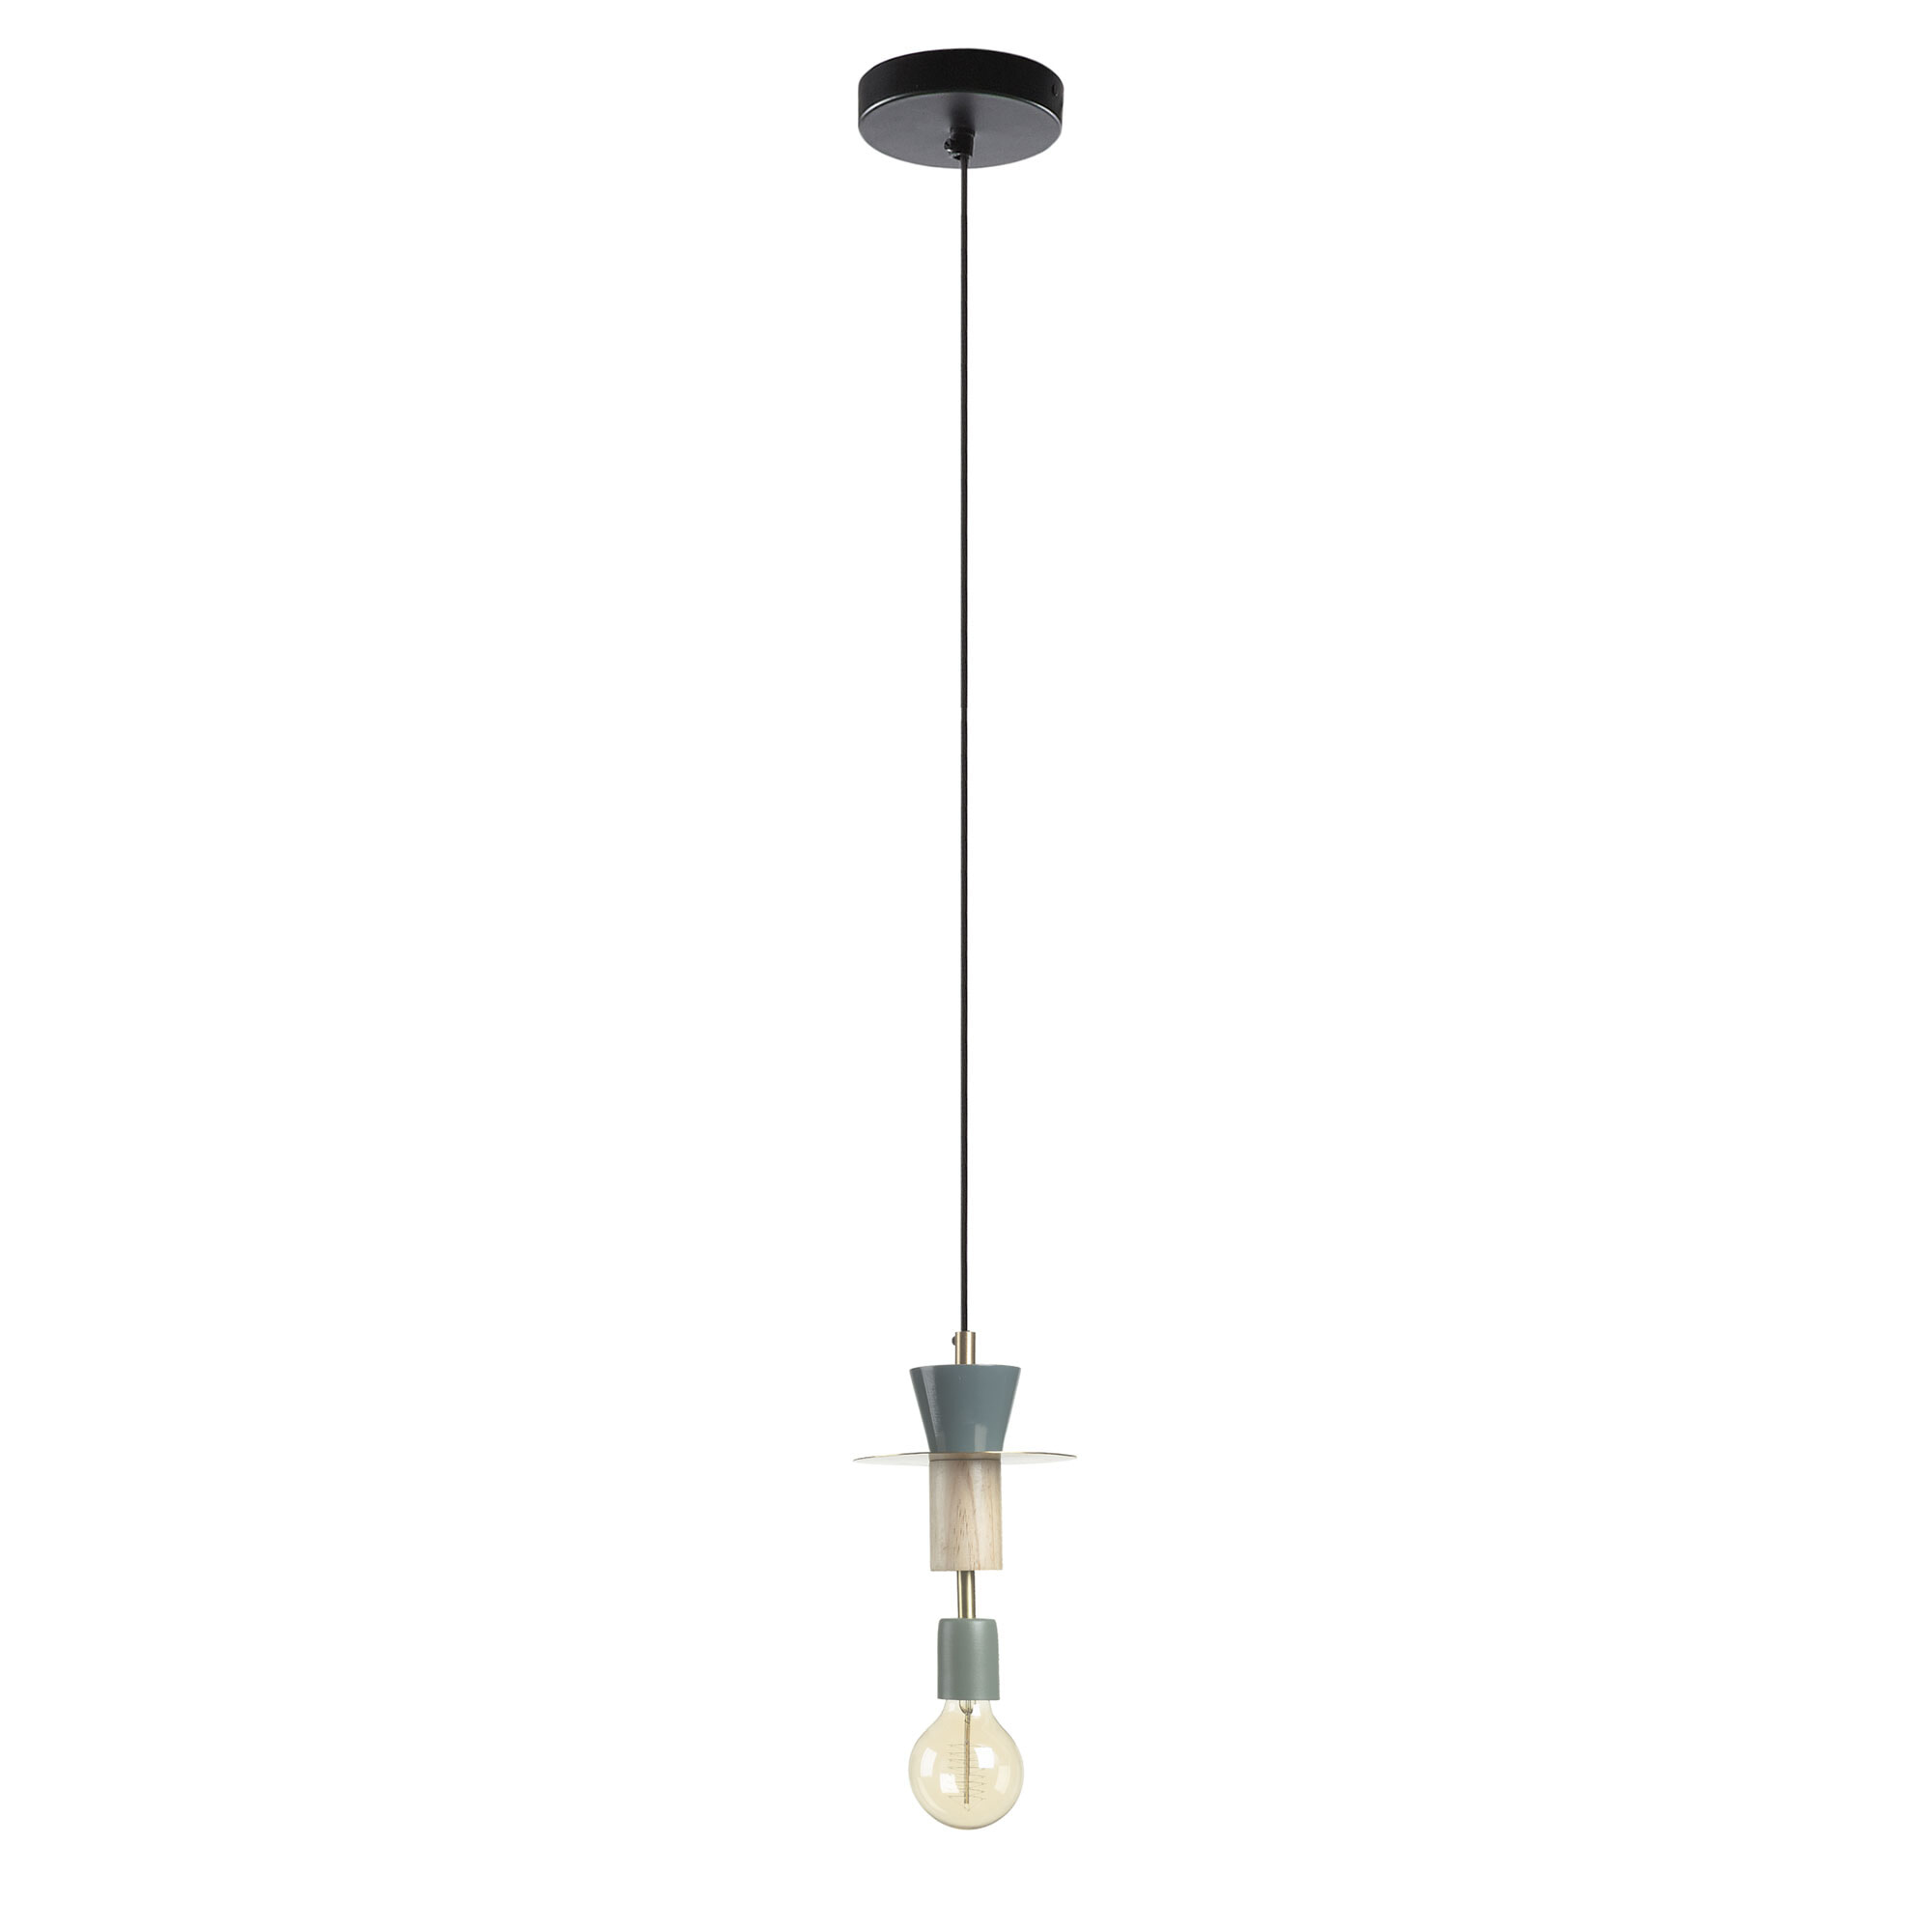 Op SlaapkamerComfort: Alles voor slapen is alles over meubelen te vinden: waaronder meubelpartner en specifiek Kave Home Hanglamp Naroa, kleur groen (Kave-Home-Hanglamp-Naroa-kleur-groen32918)